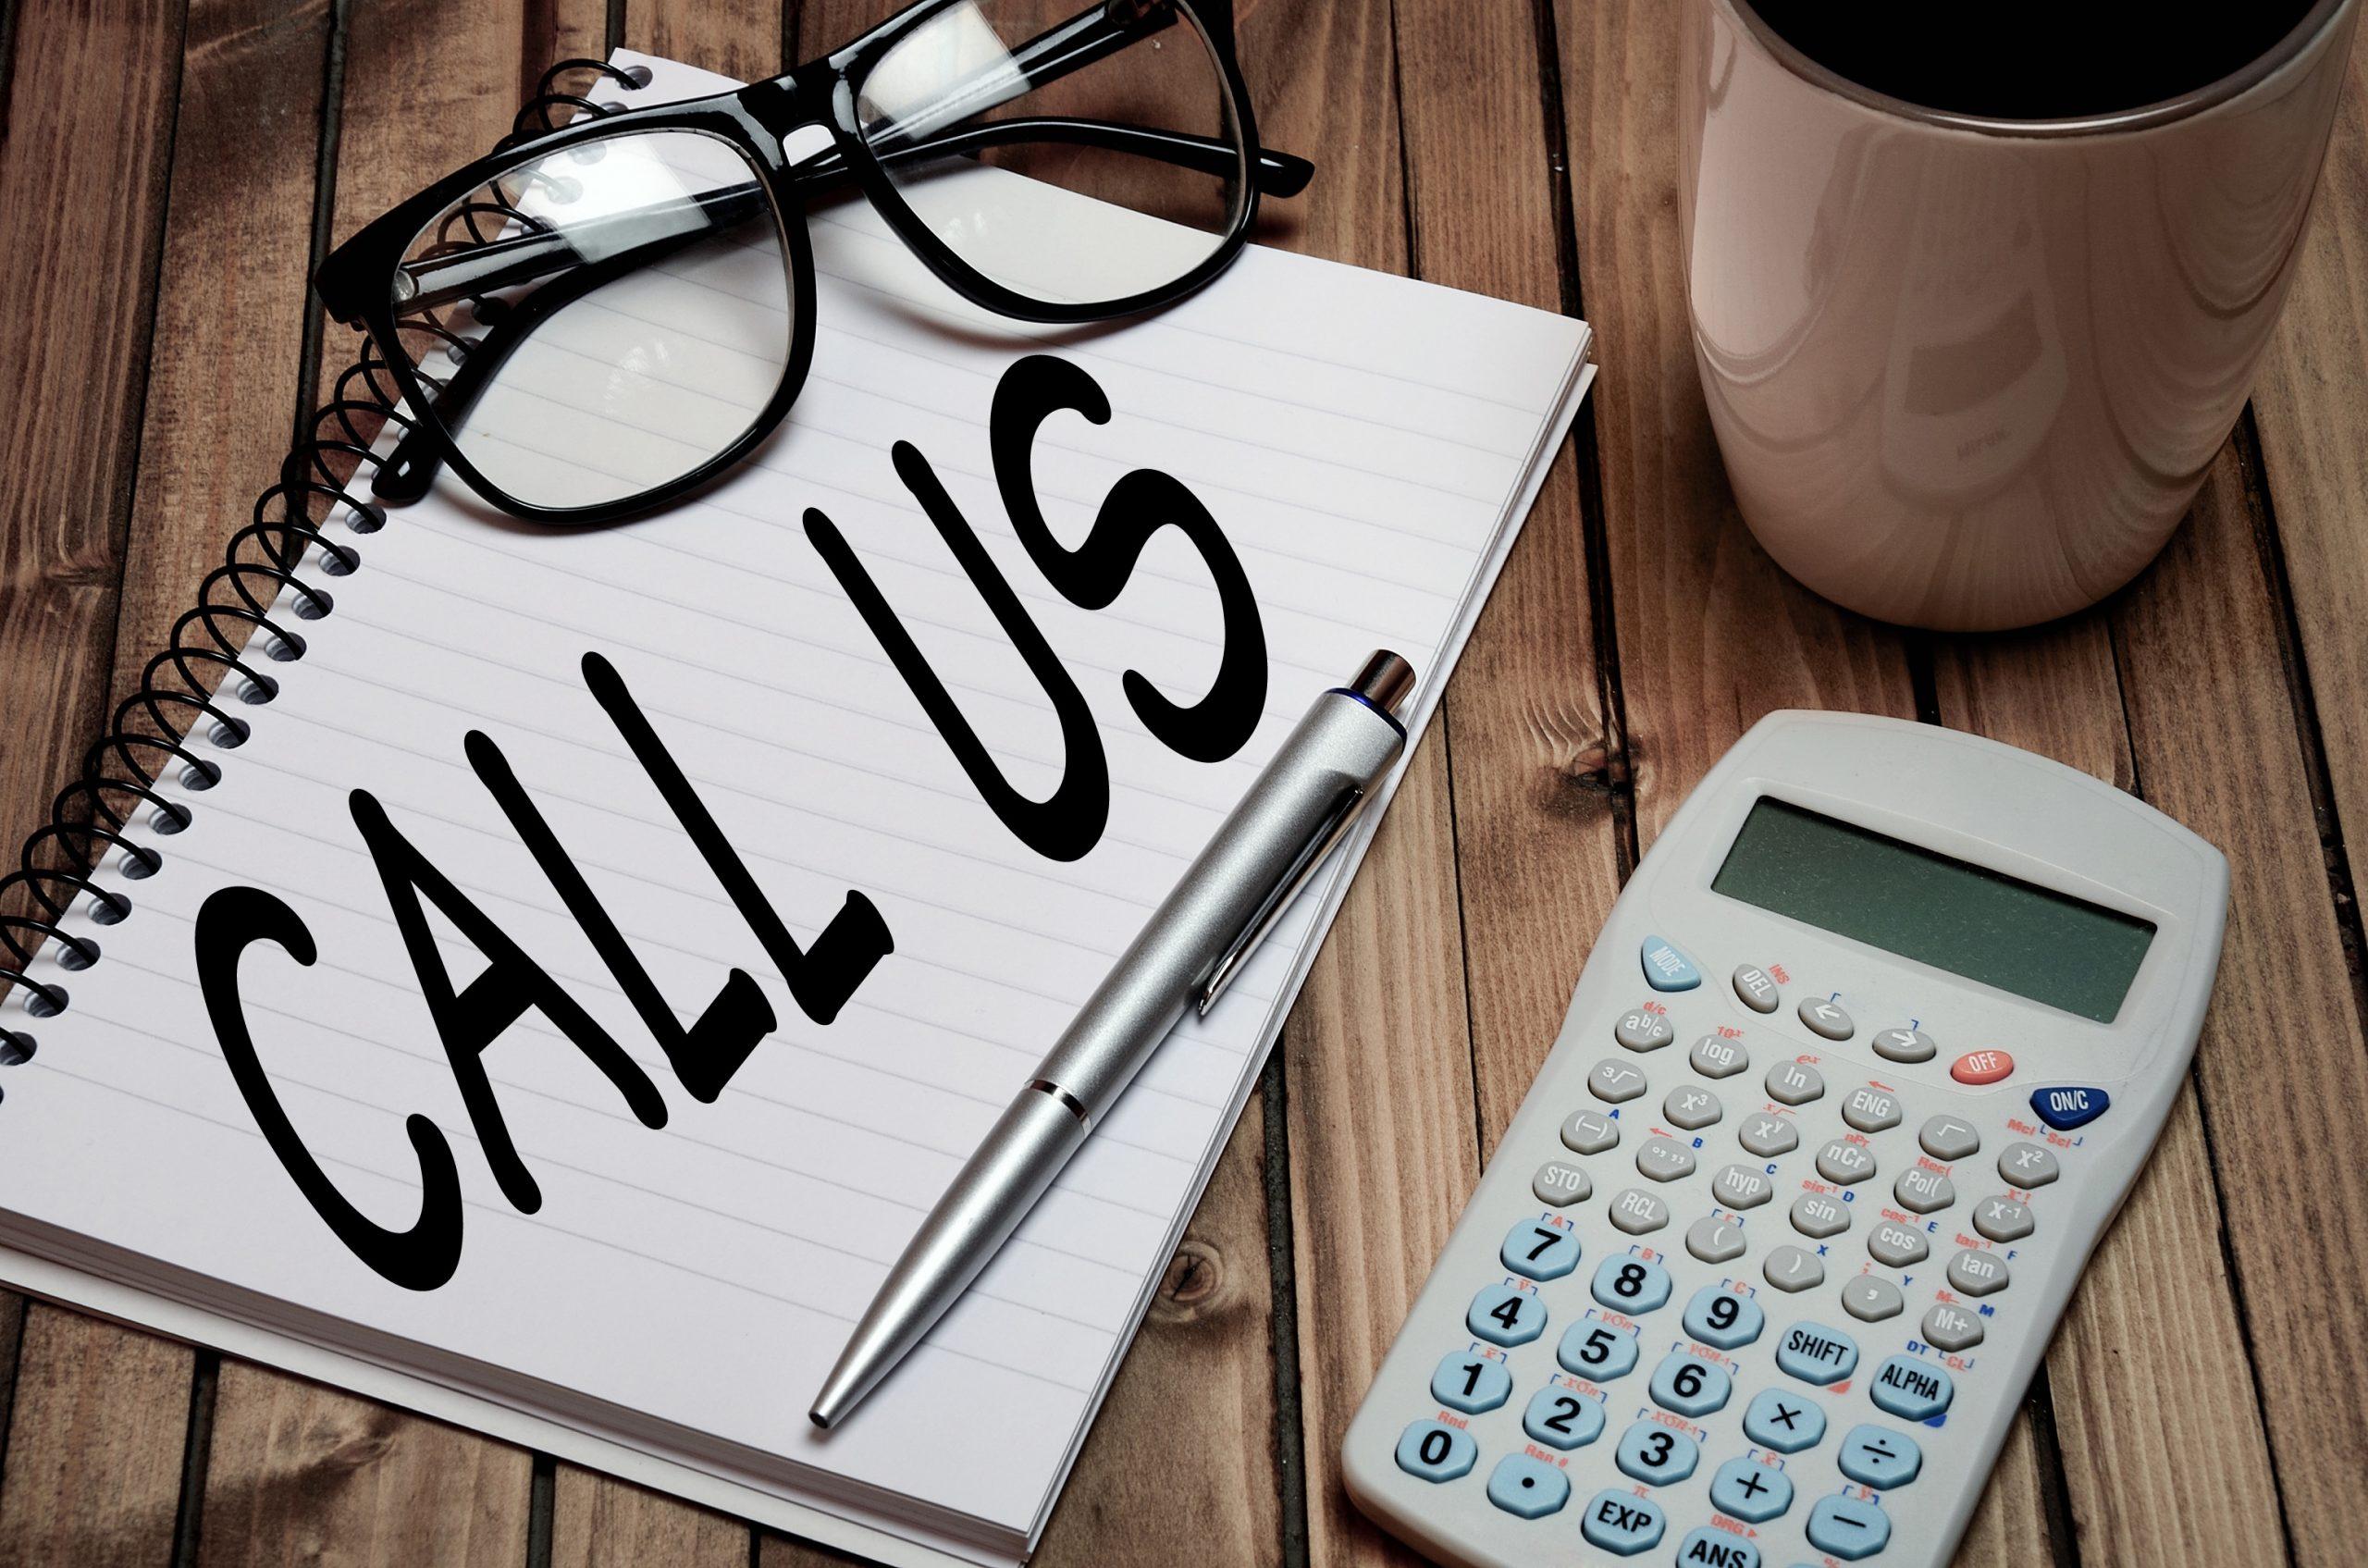 Contact Cassia Sales